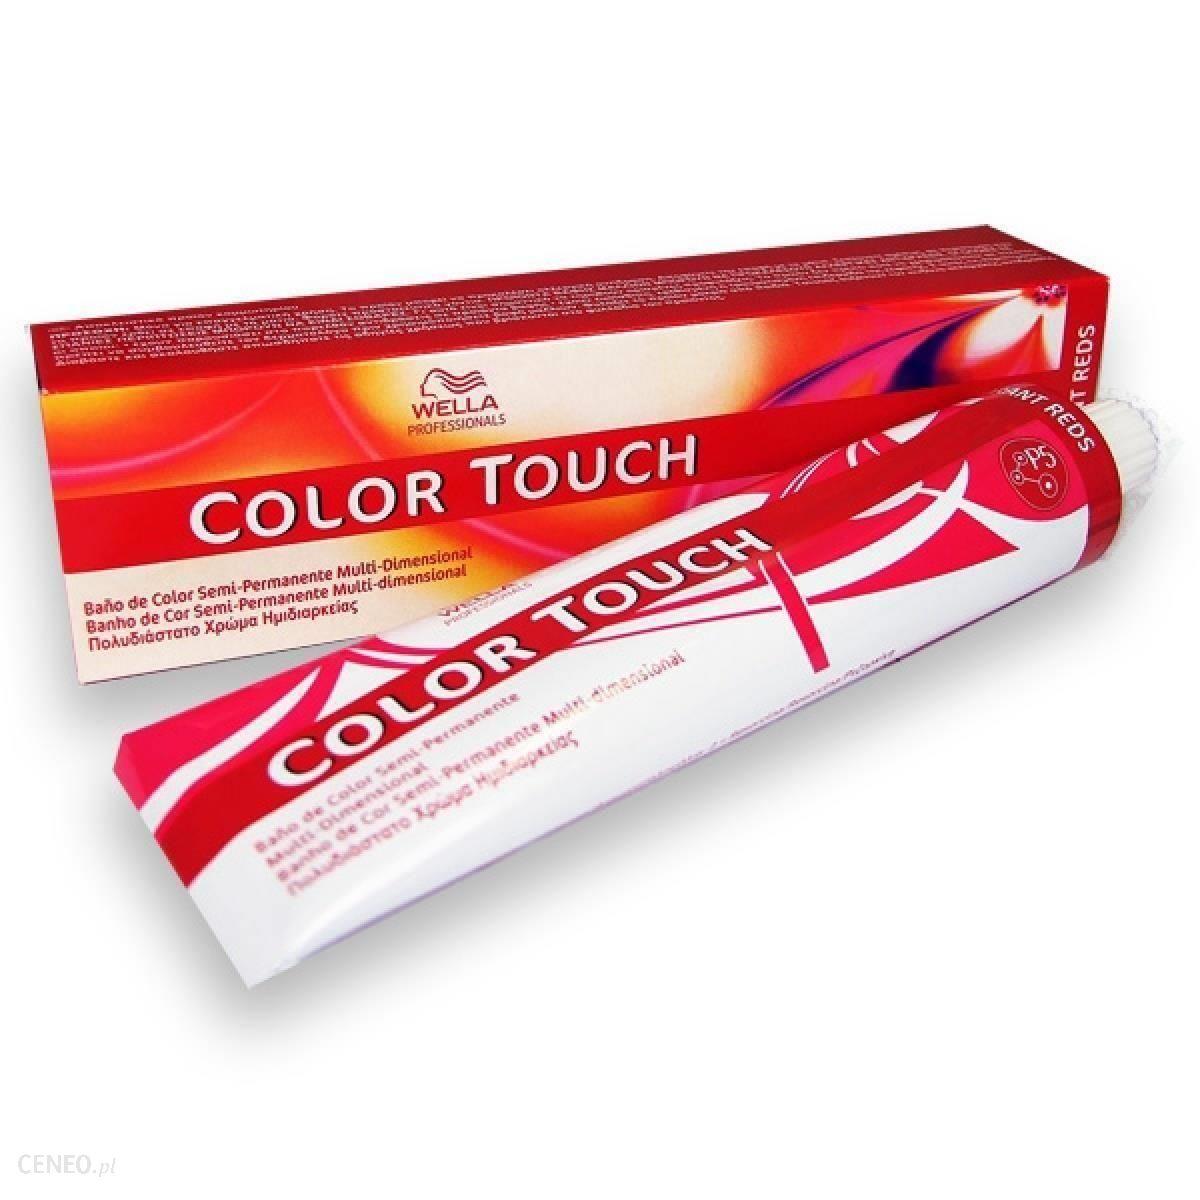 Wella Professionals Color Touch Toner do włosów 60ml 5/37 złoto brązowy jasny brąz